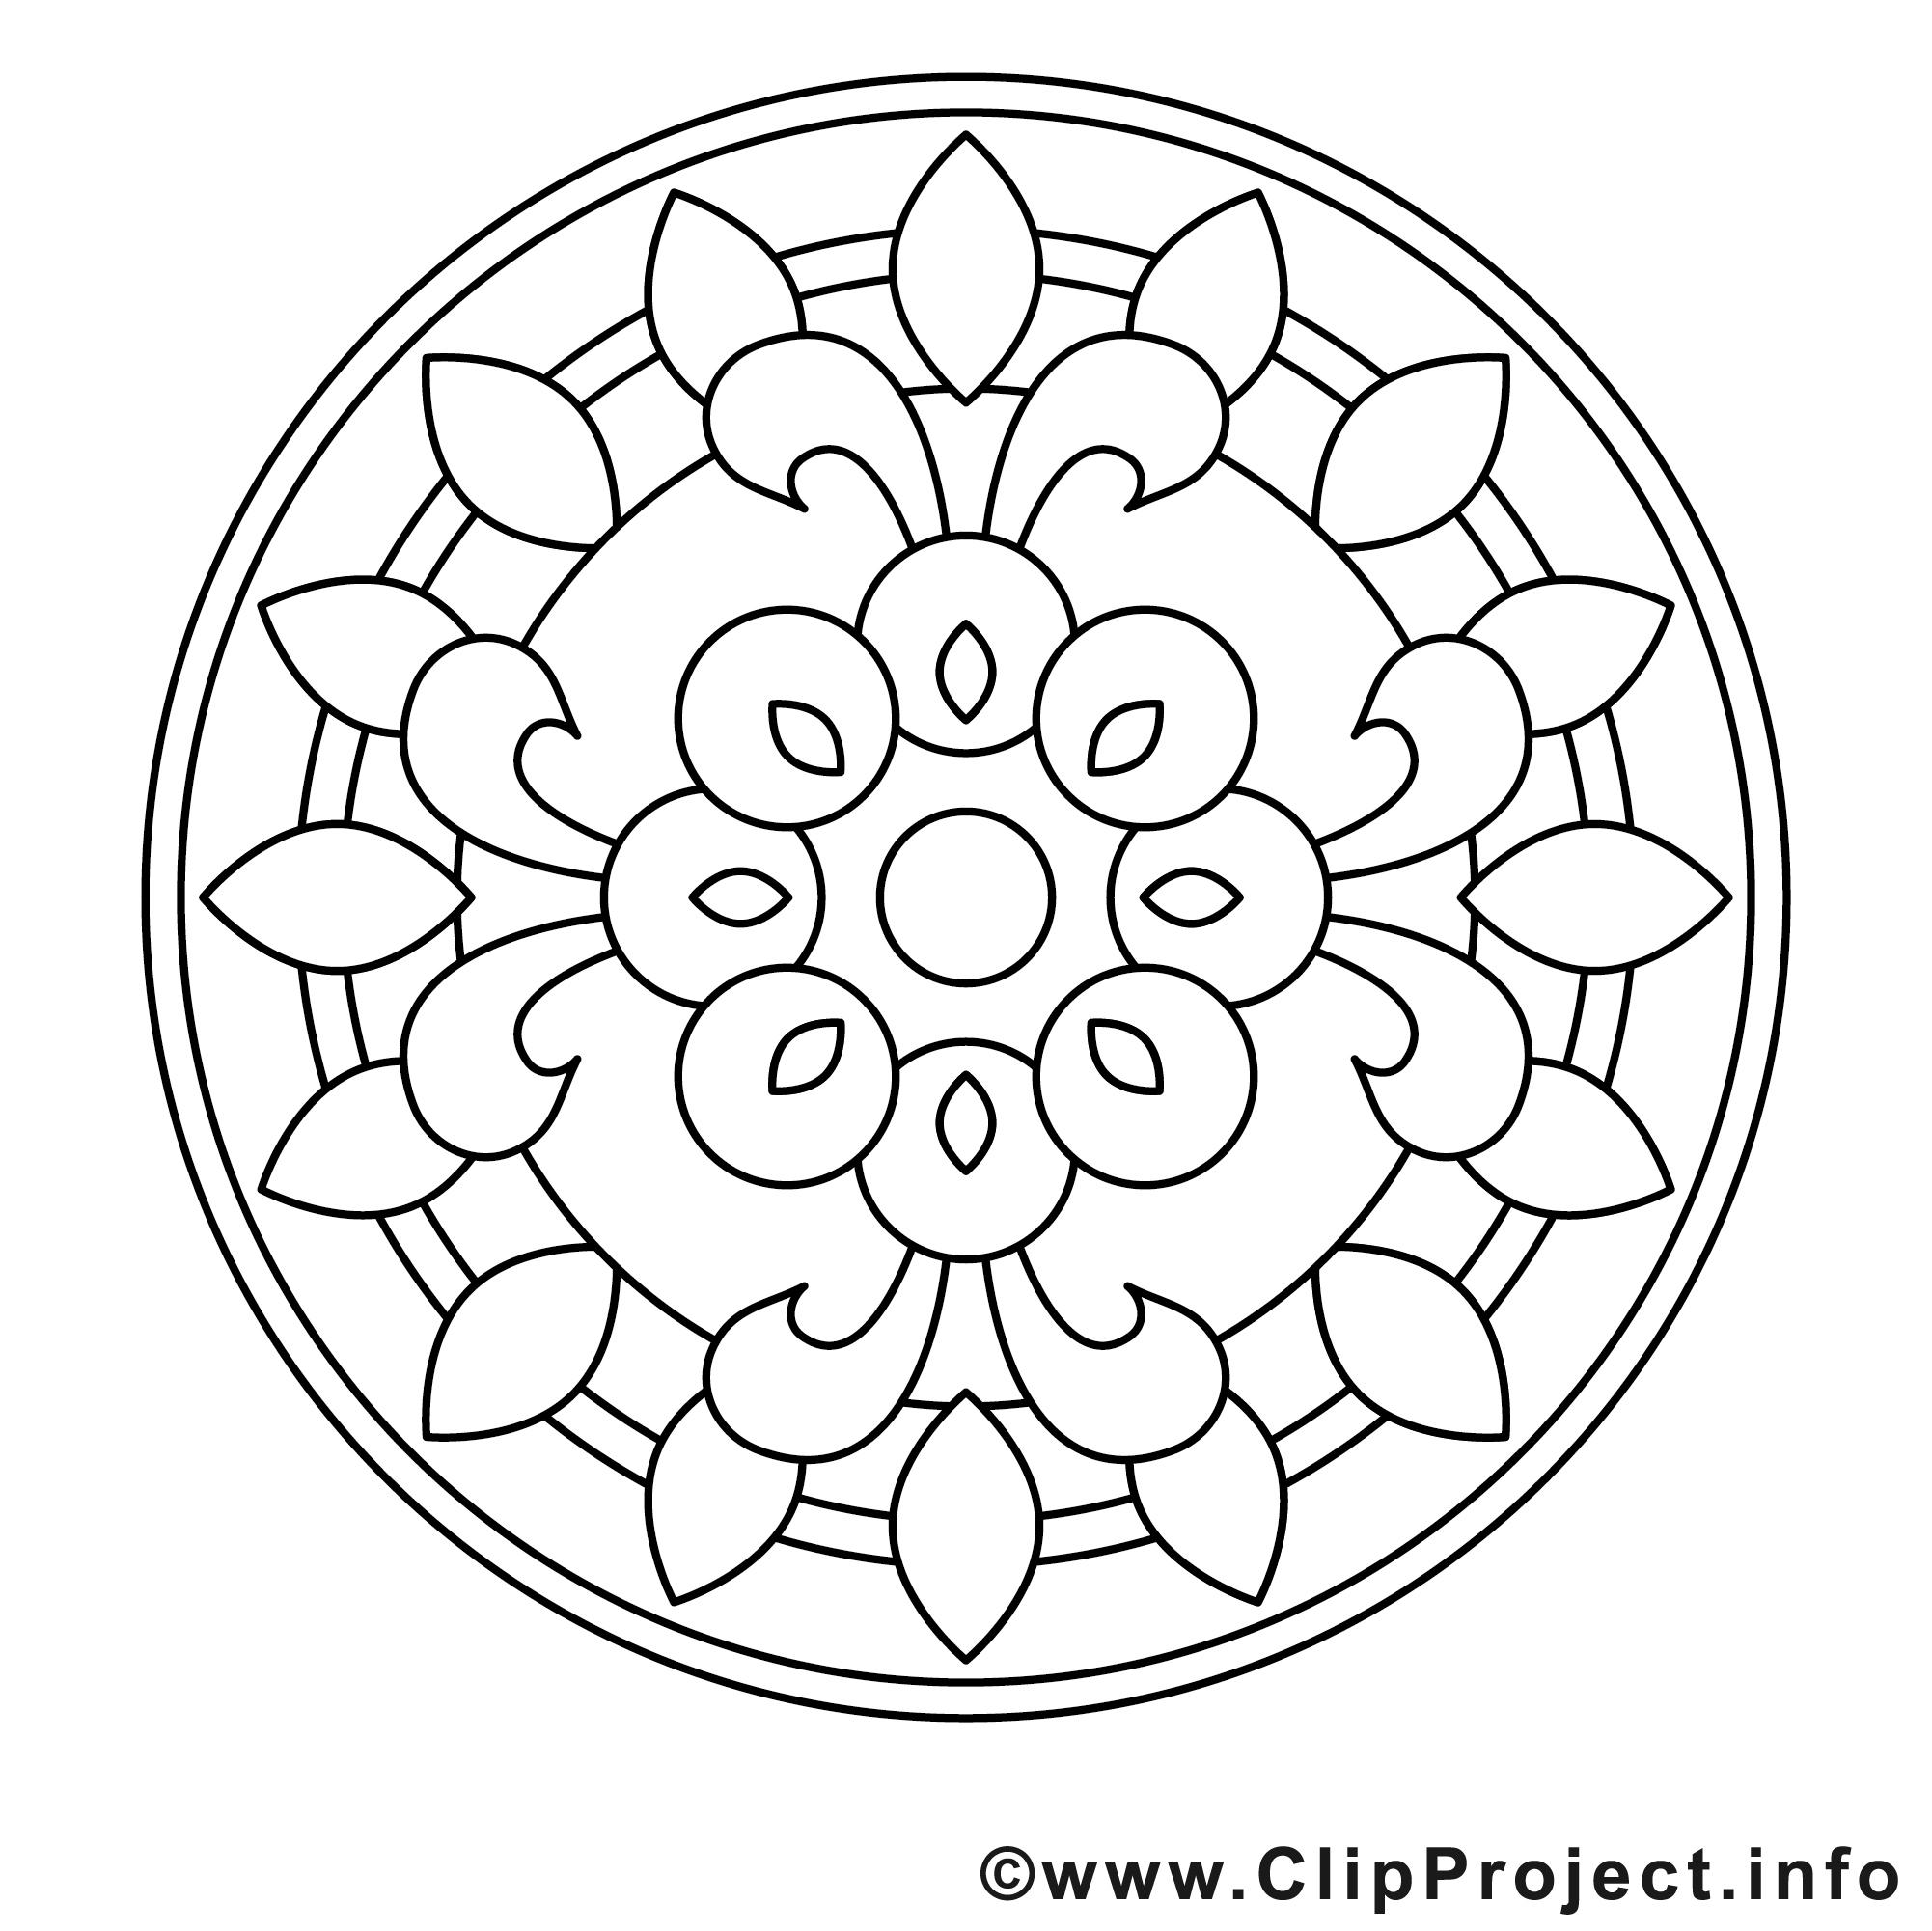 Mandala Zum Ausdrucken Kinder. Kostenlose Ausmalbilder Und in Ausmalbilder Mandala